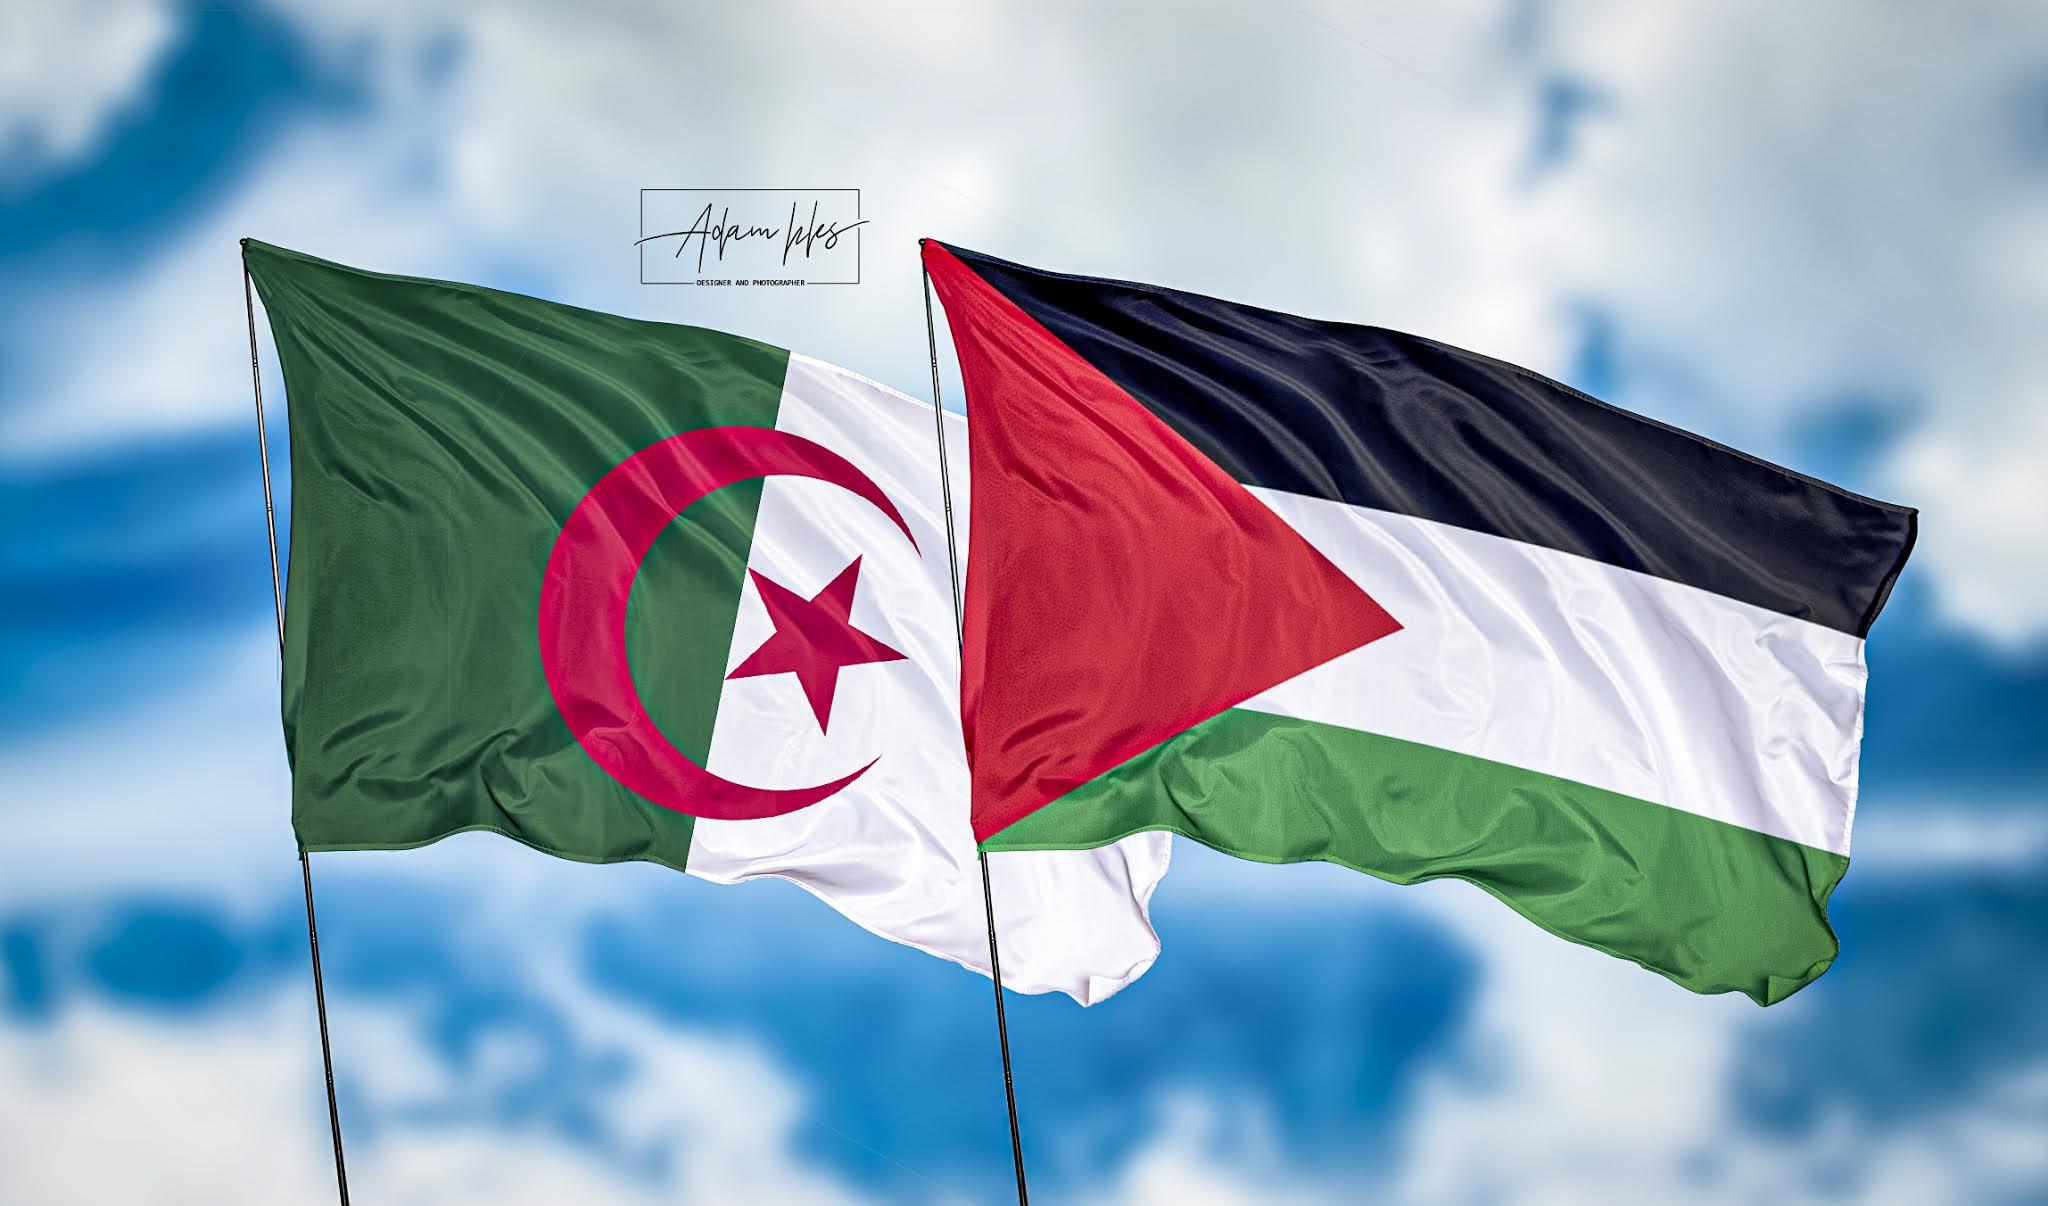 خلفيات الجزائر وفلسطين اجمل خلفيات اعلام الجزائر وفلسطين ترفرف في السماء